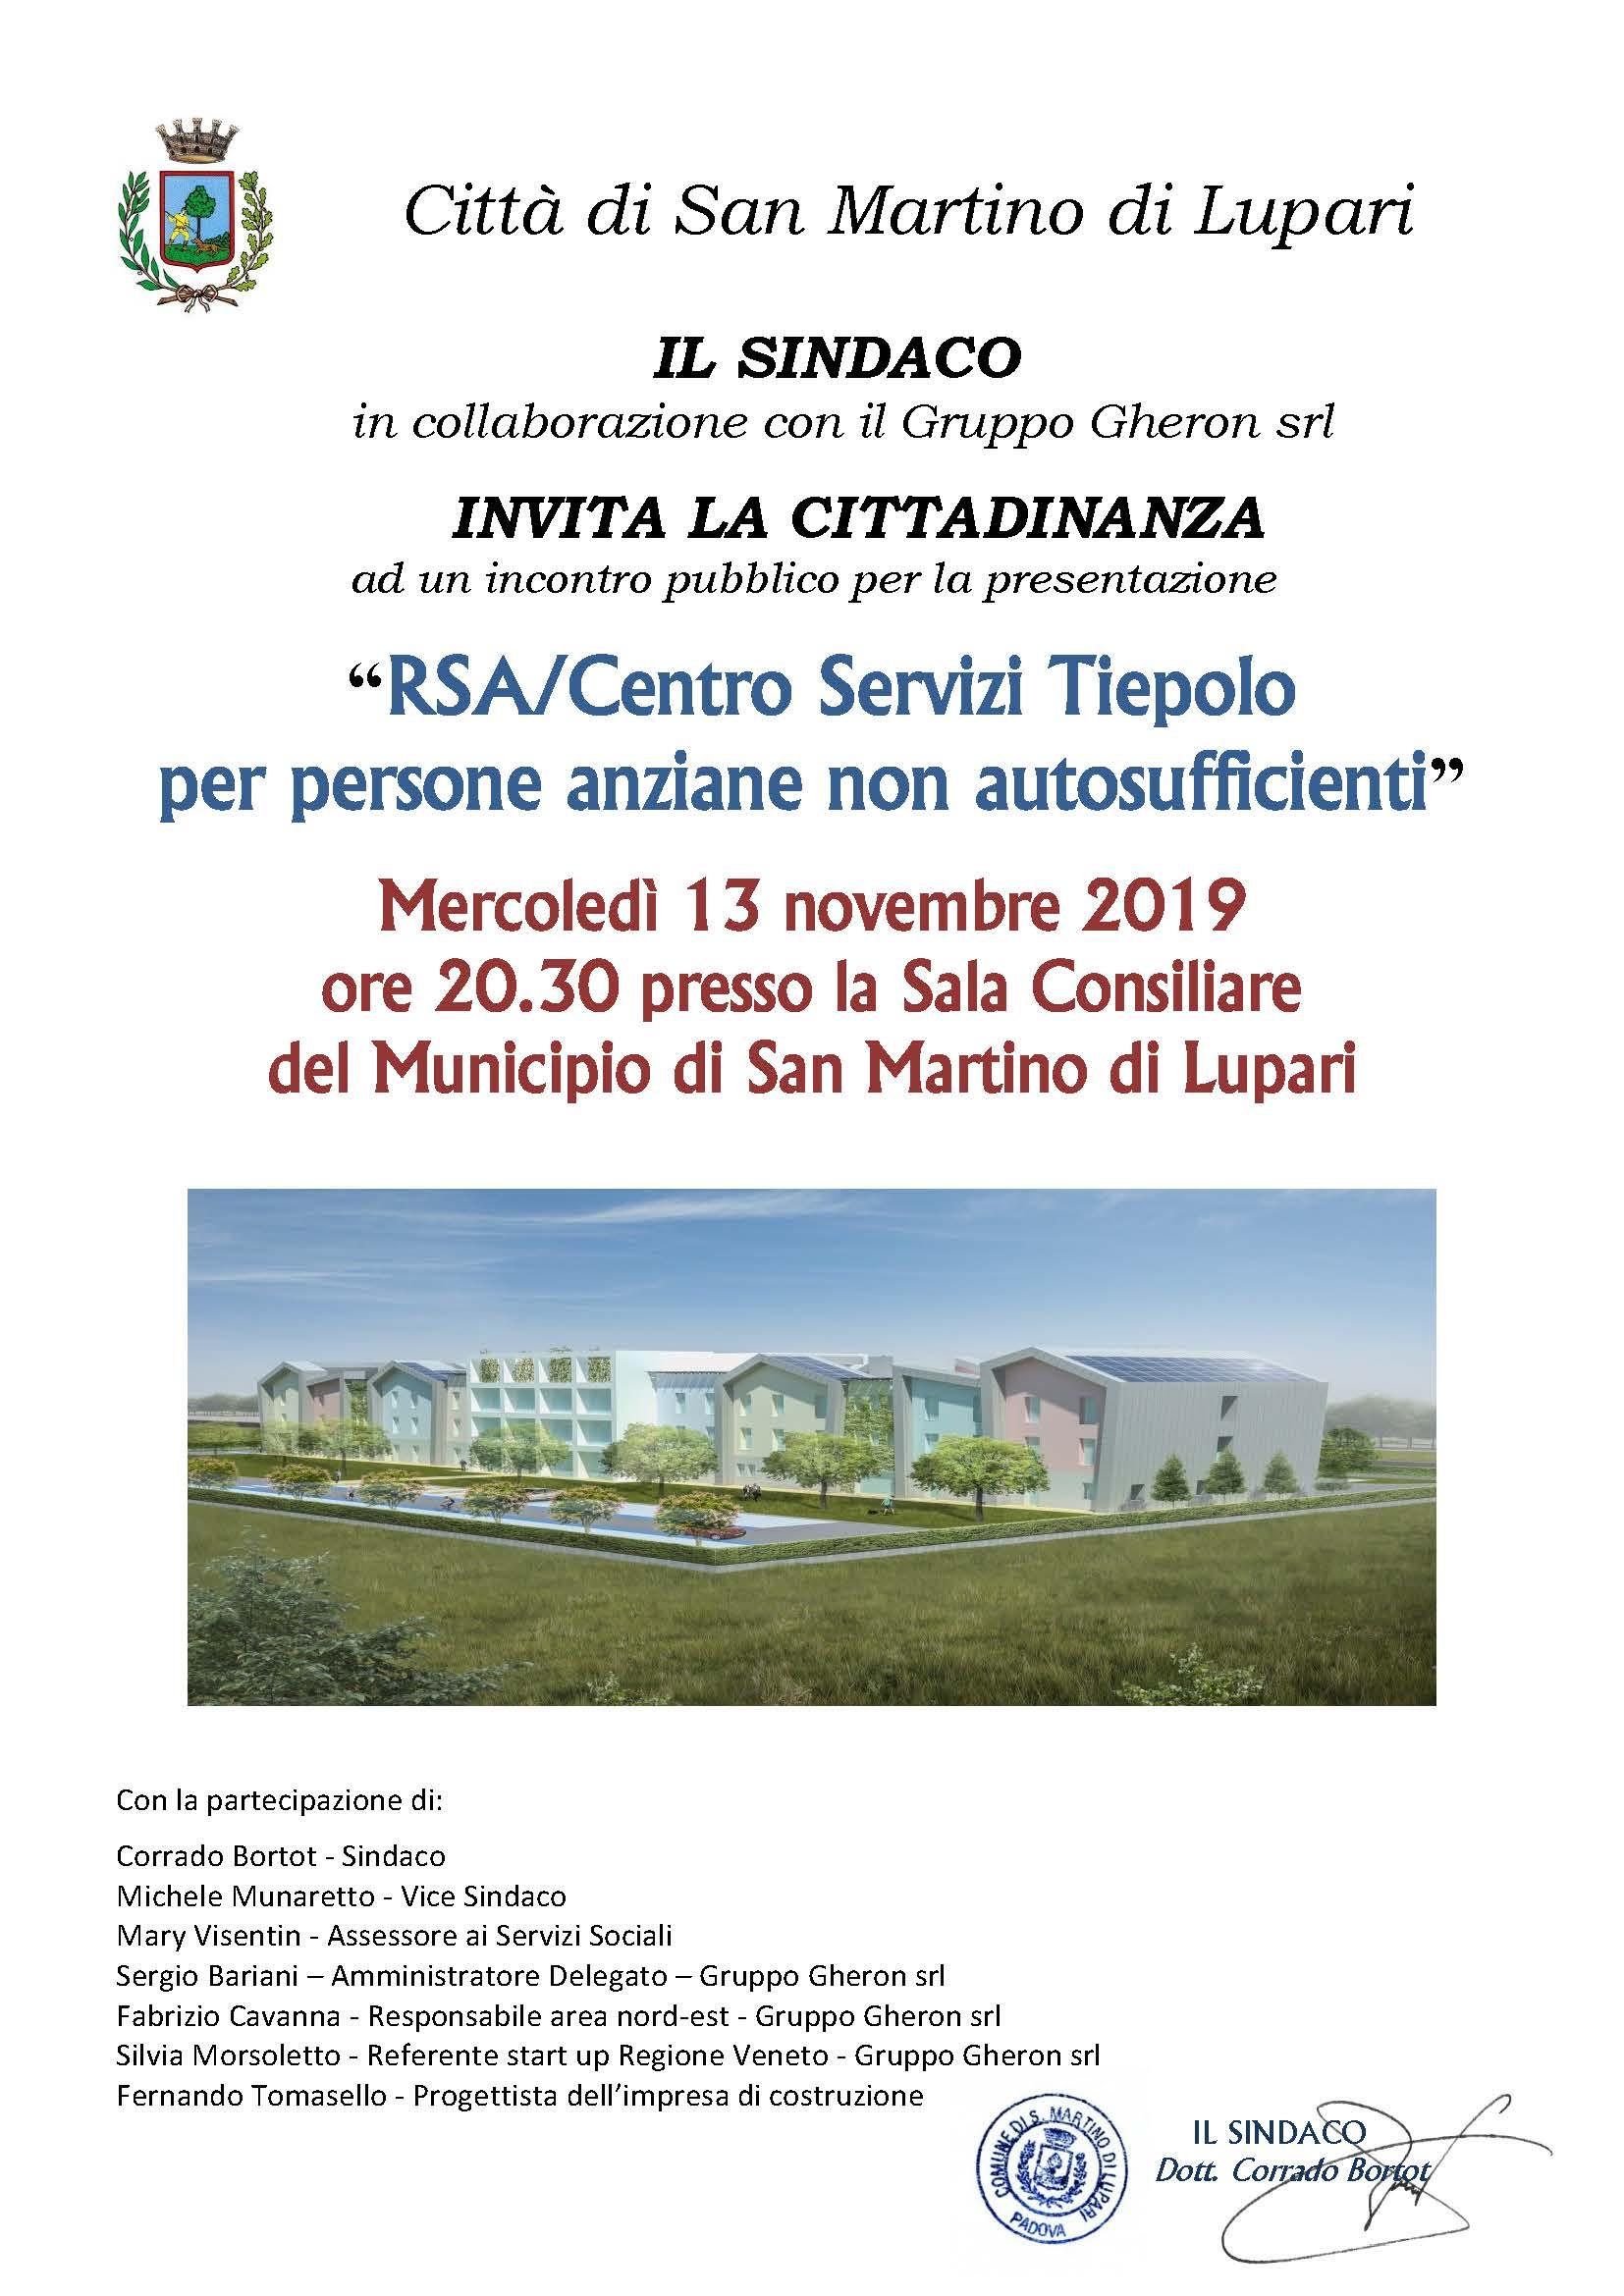 """Mercoledì 13 novembre 2019 ore 20.30 presso la Sala Consiliare: """"RSA/Centro Servizi Tiepolo per persone anziane non autosufficienti"""""""